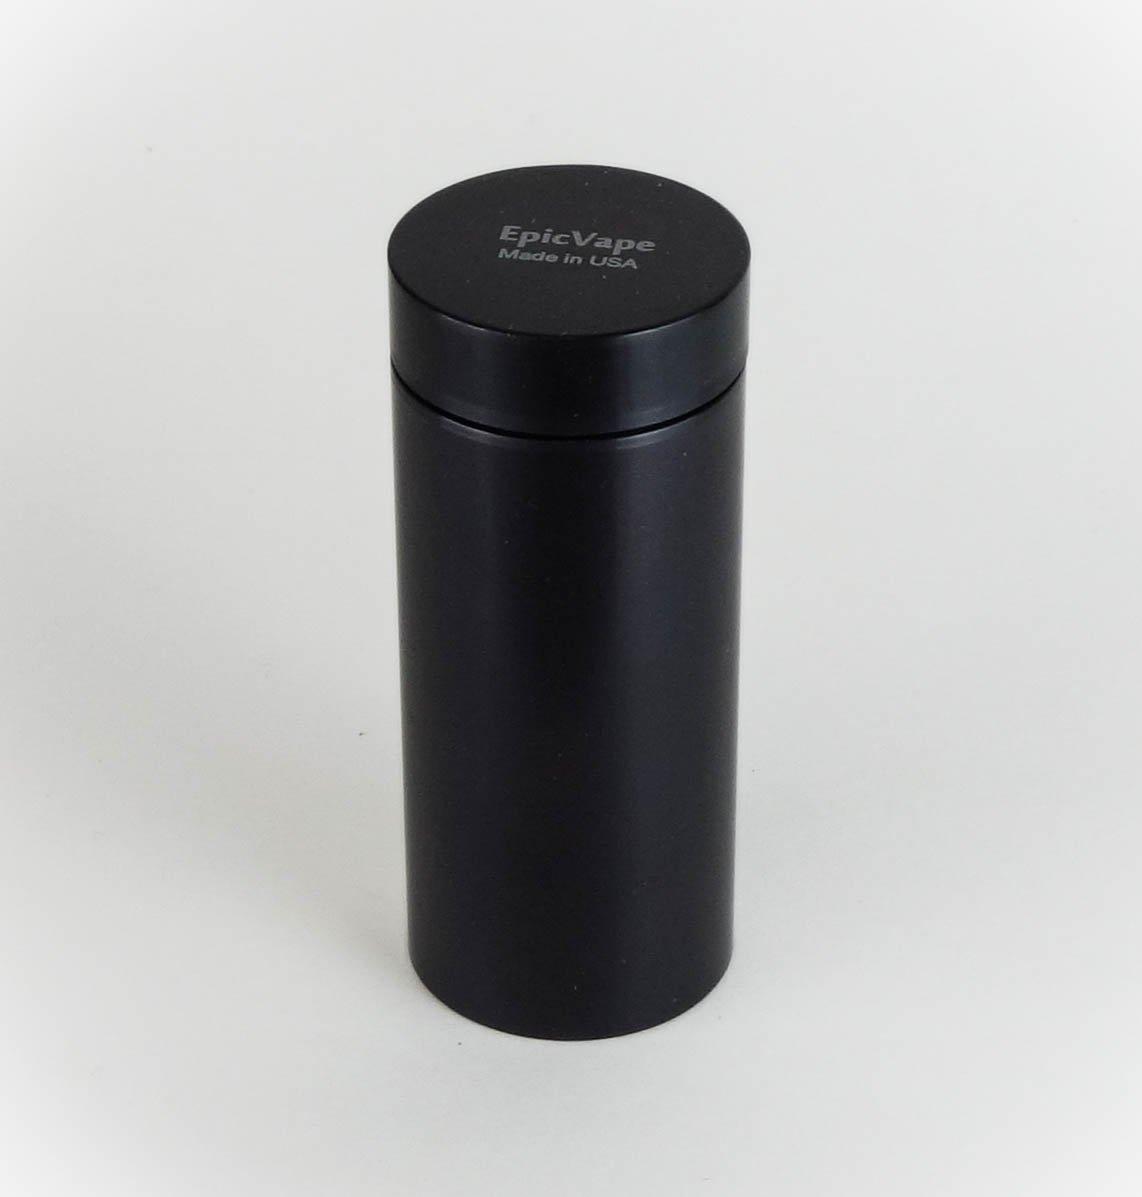 airtight black aluminum storage container